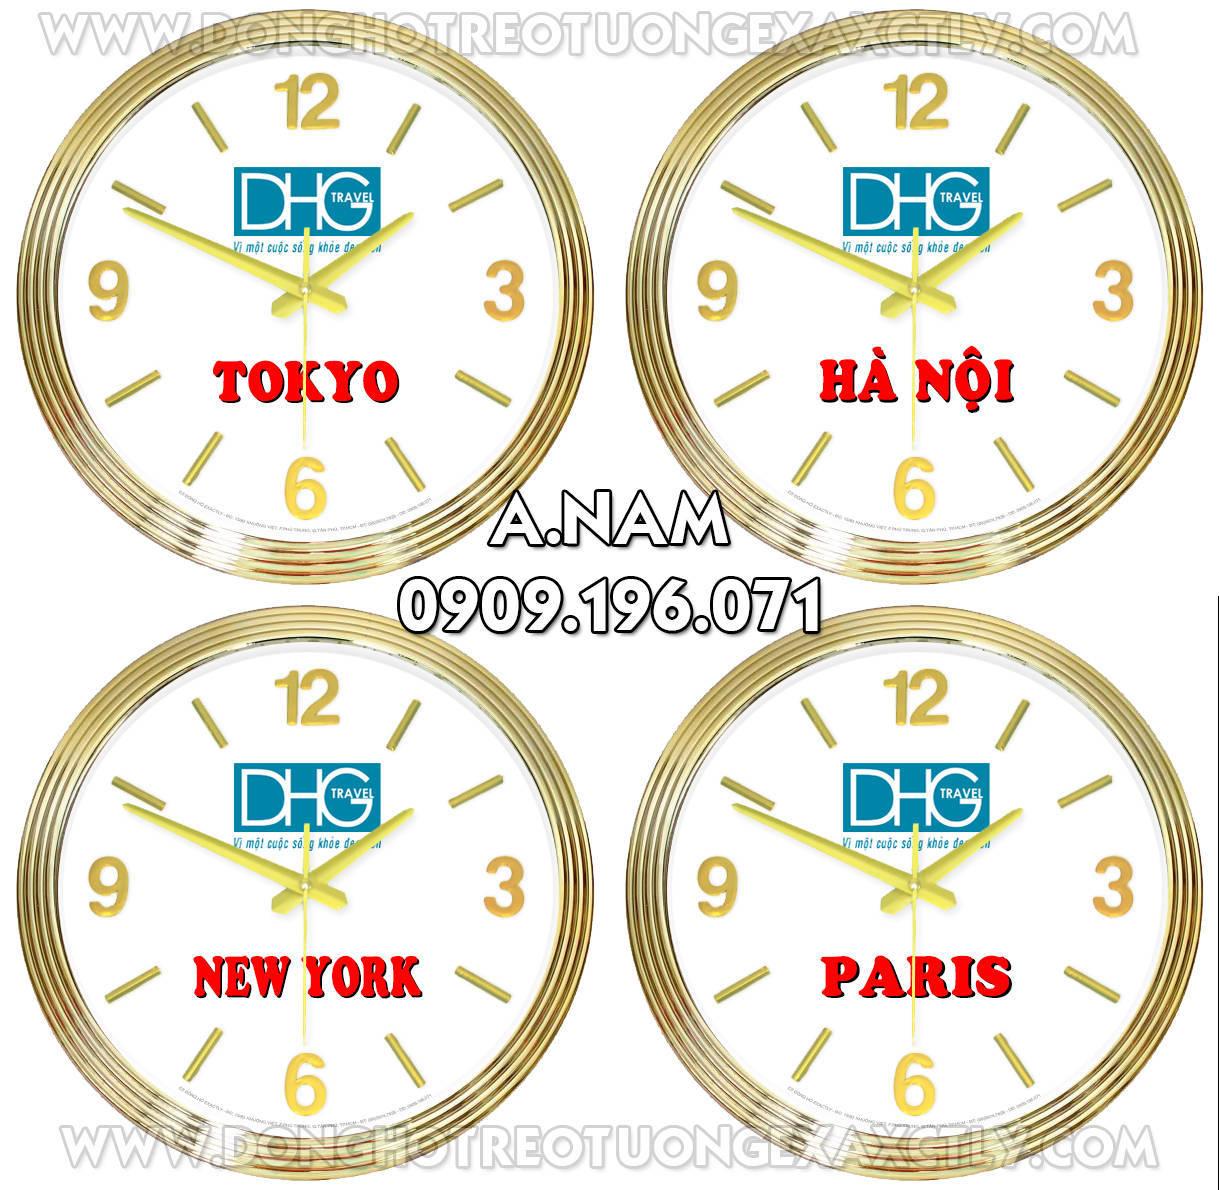 Đồng hồ treo tường các múi giờ khác nhau treo ở khu du lịch, khách sạn, U230 DHG Travel